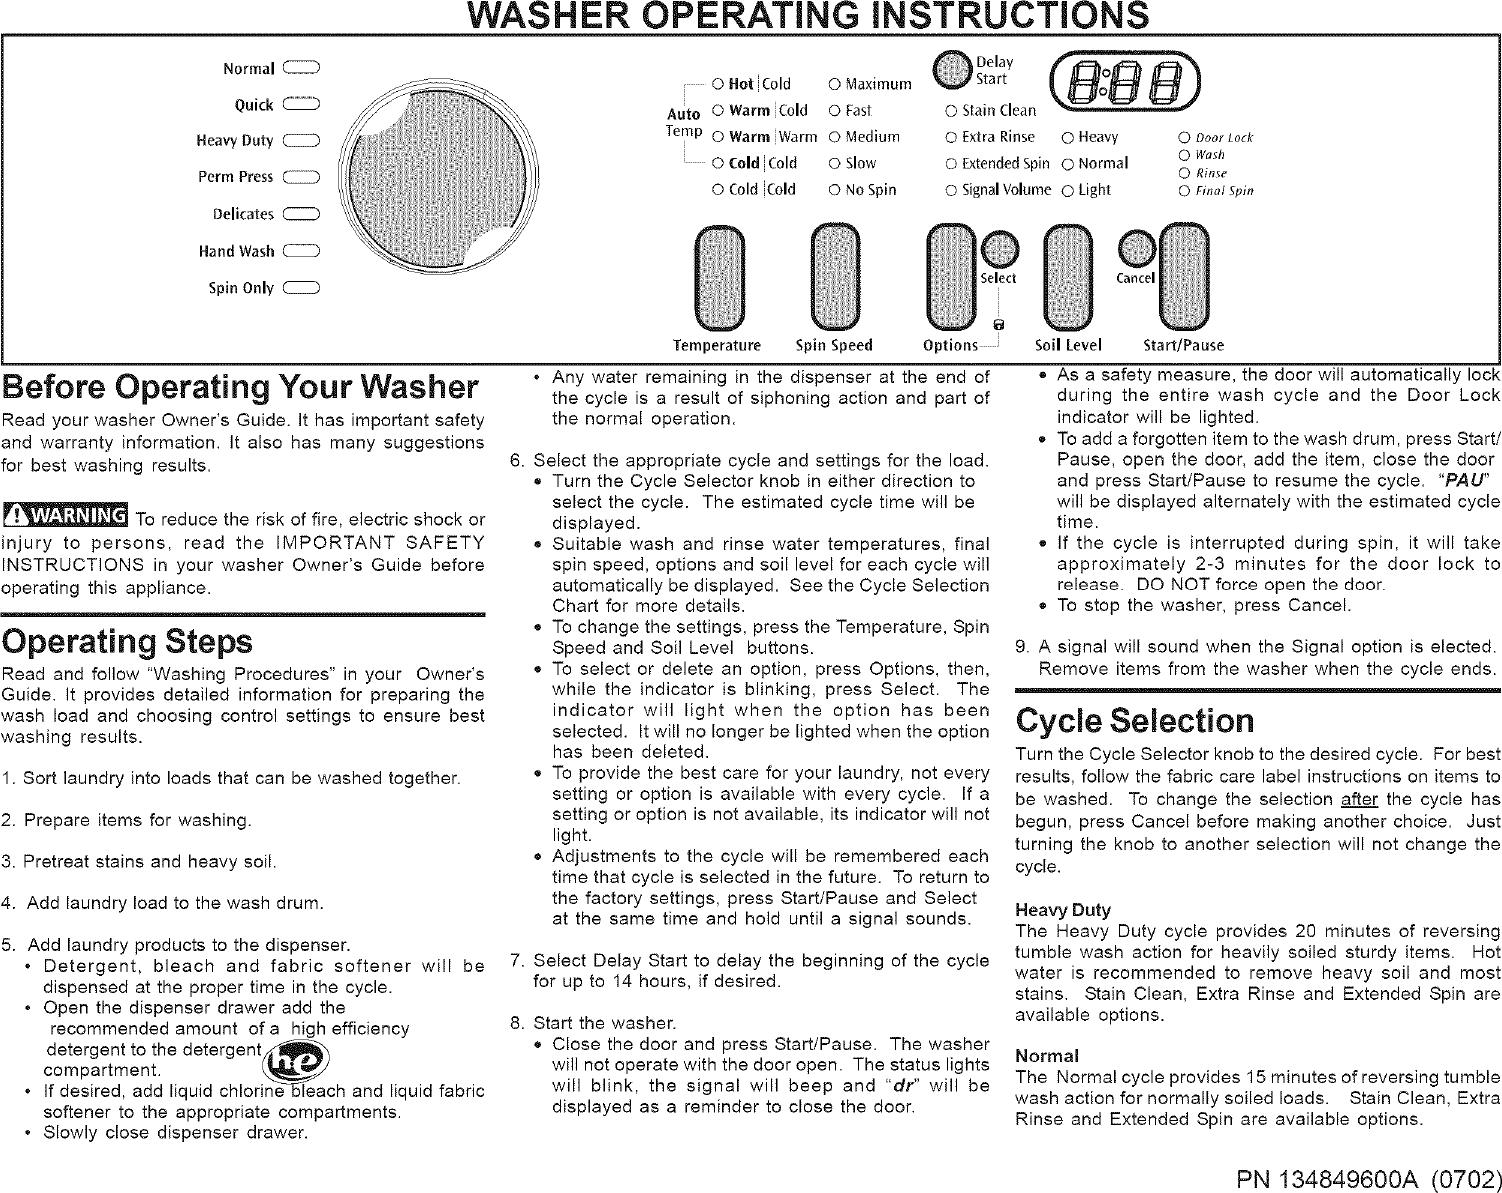 frigidaire laundry center user manual